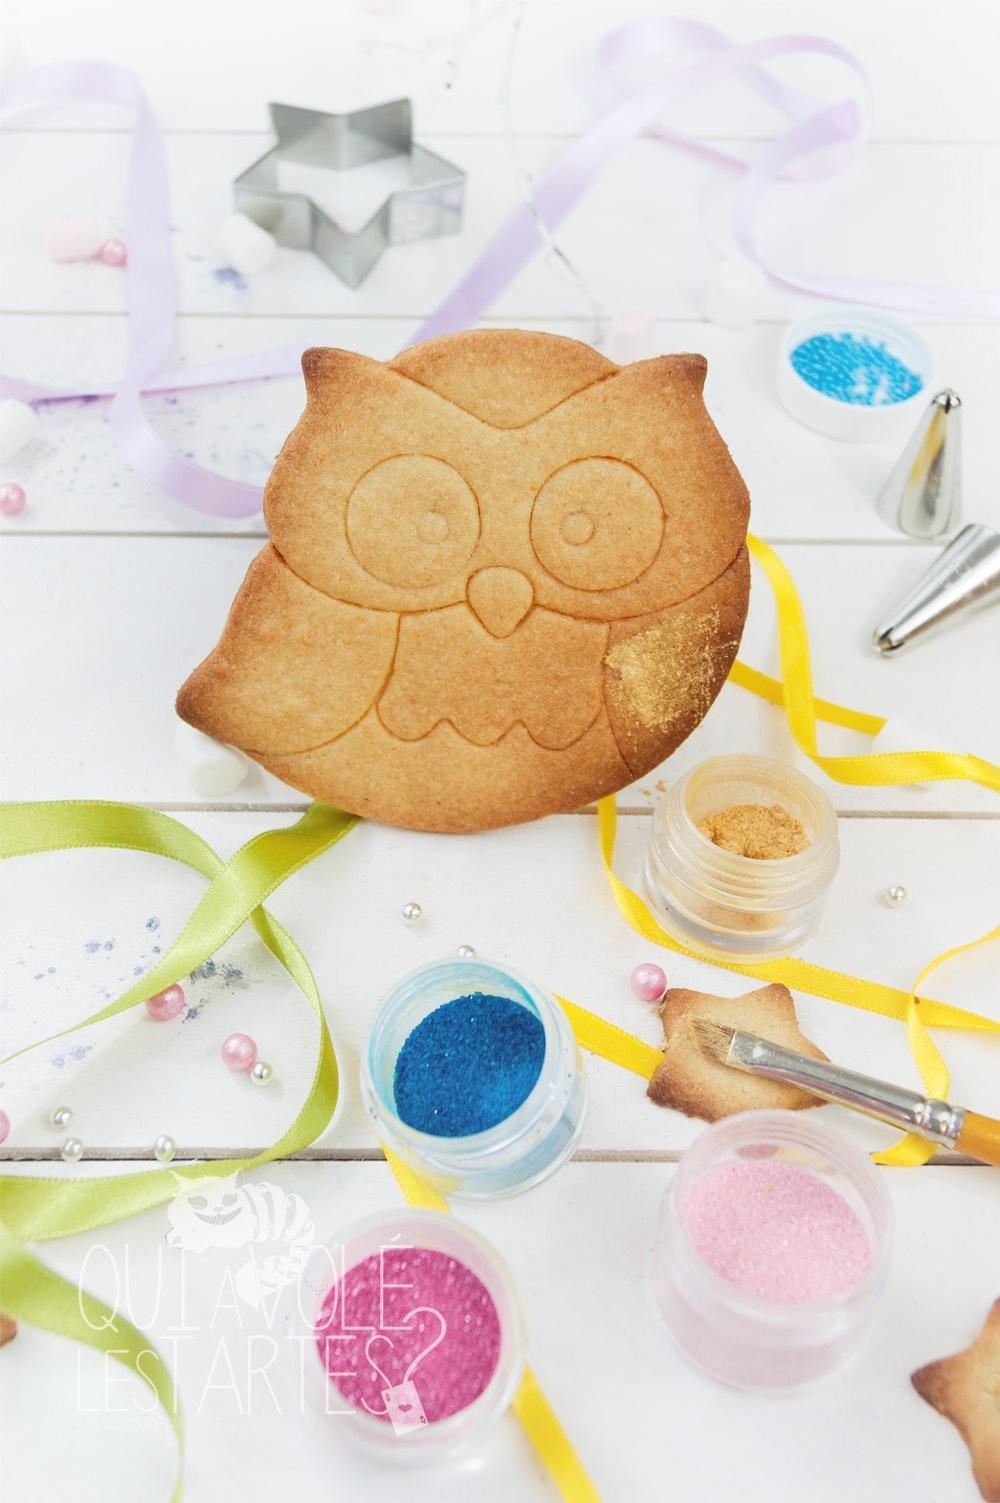 Gâteaux sucettes - Sablé à colorier 1 - Studio de création - Qui a volé les tartes